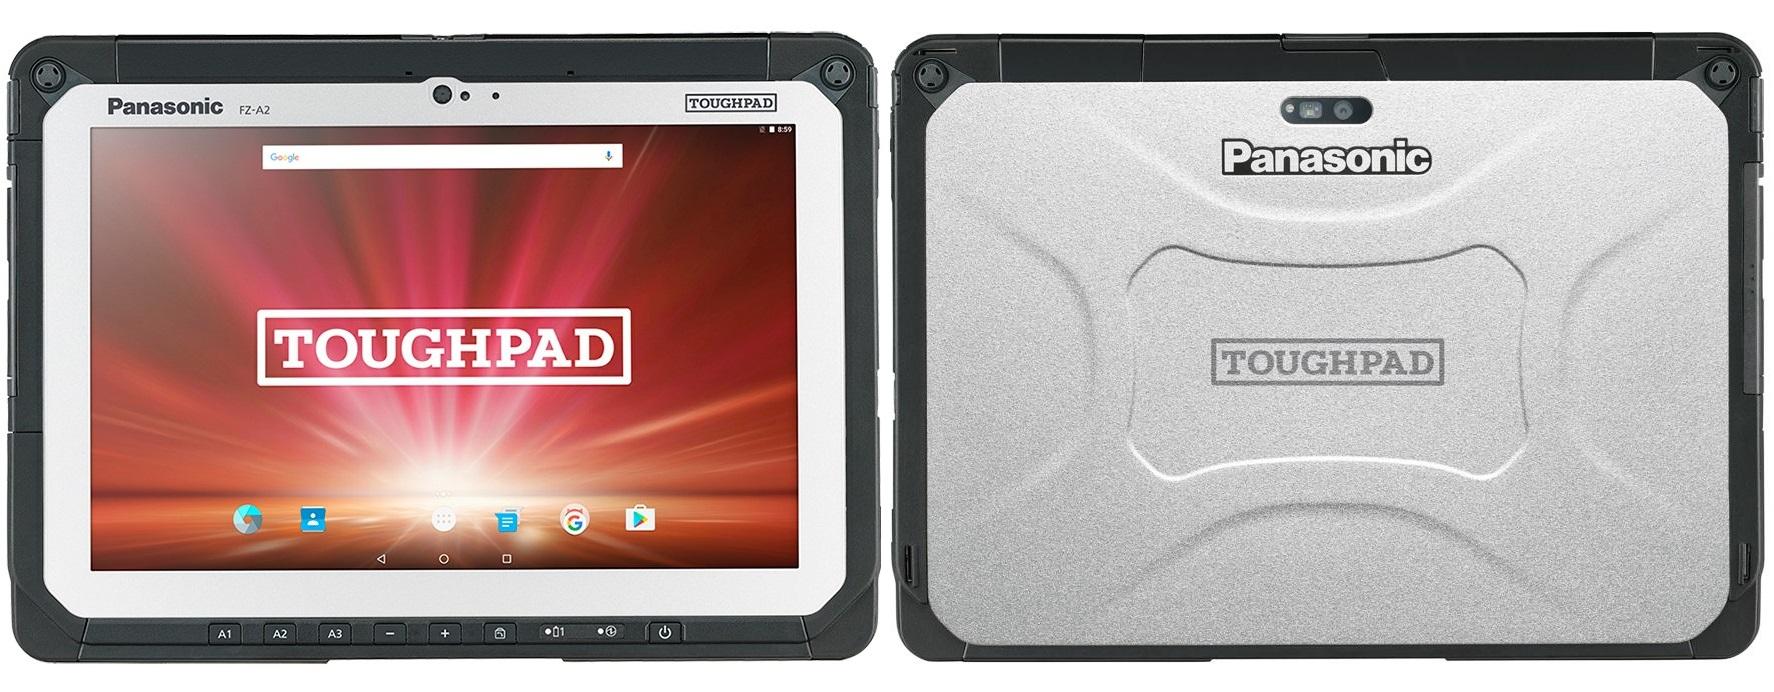 Panasonic FZ-A2: Tablet extremadamente resistente y cara